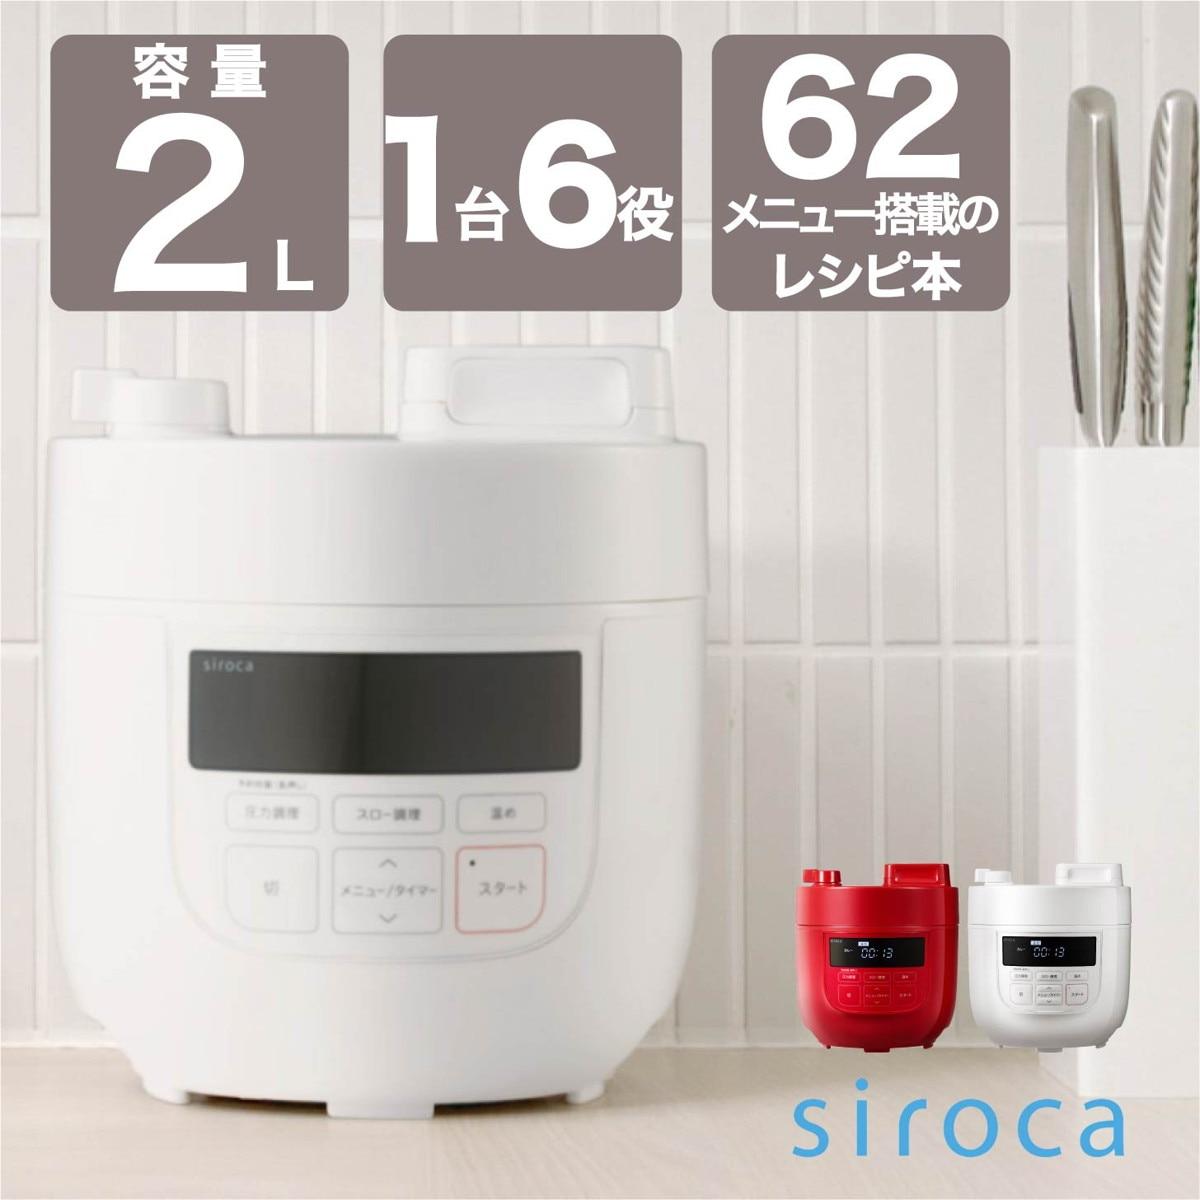 シロカ siroca 電気圧力鍋 2L ホワイト SP-D131(W)